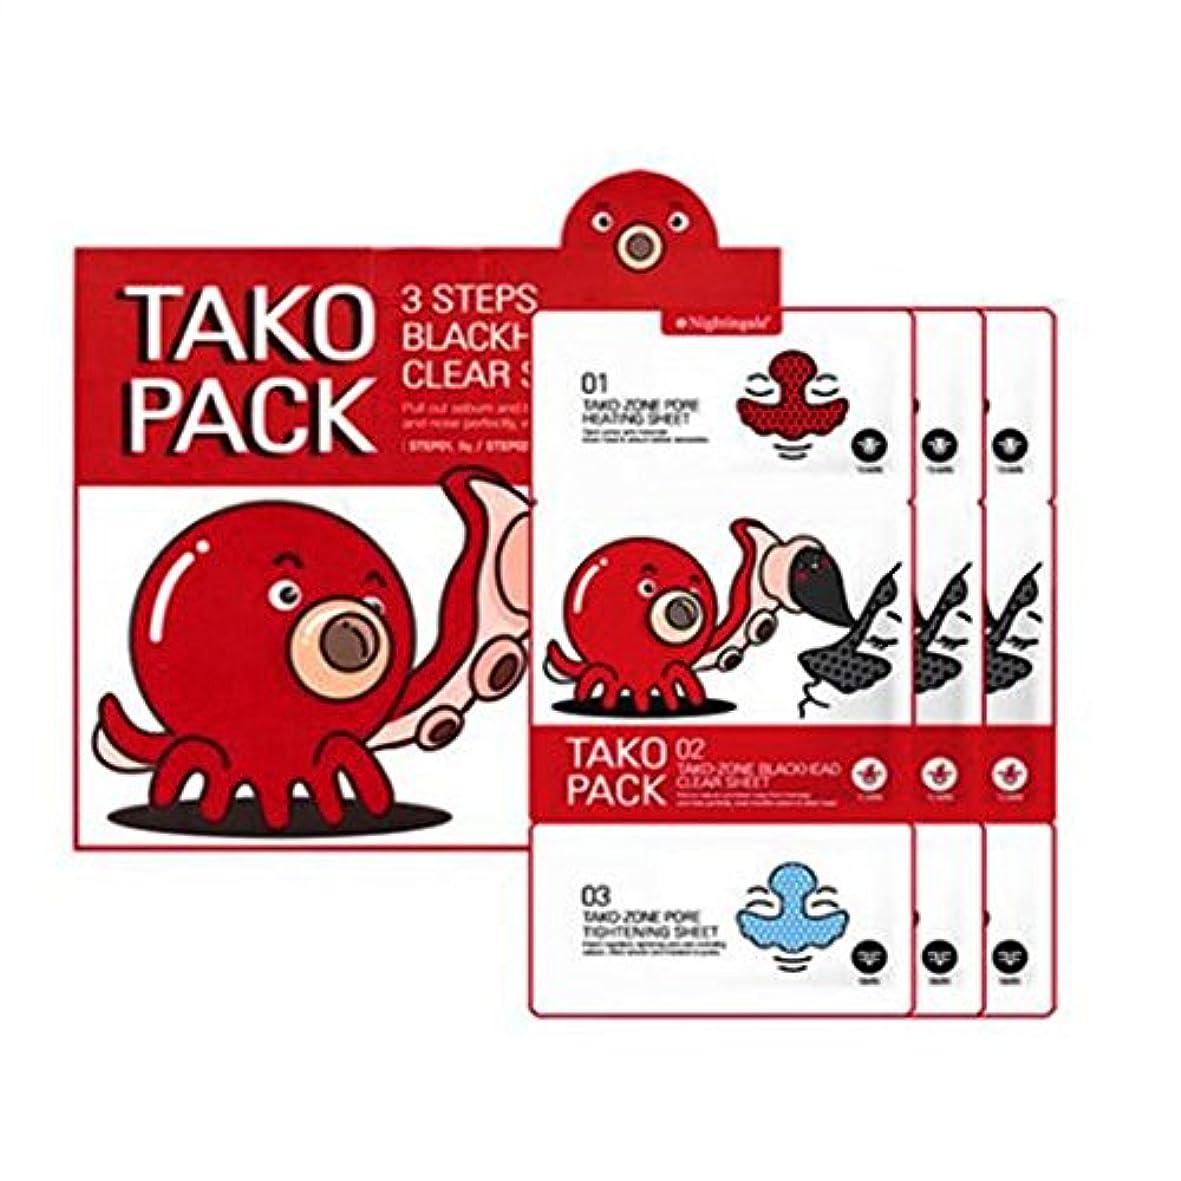 キュービック疫病廊下Nightingale 3Step Tako Pack 3EA/ナイチンゲール 3ステップ タコ パック [タコ吸着パック] 3回分 [並行輸入品]